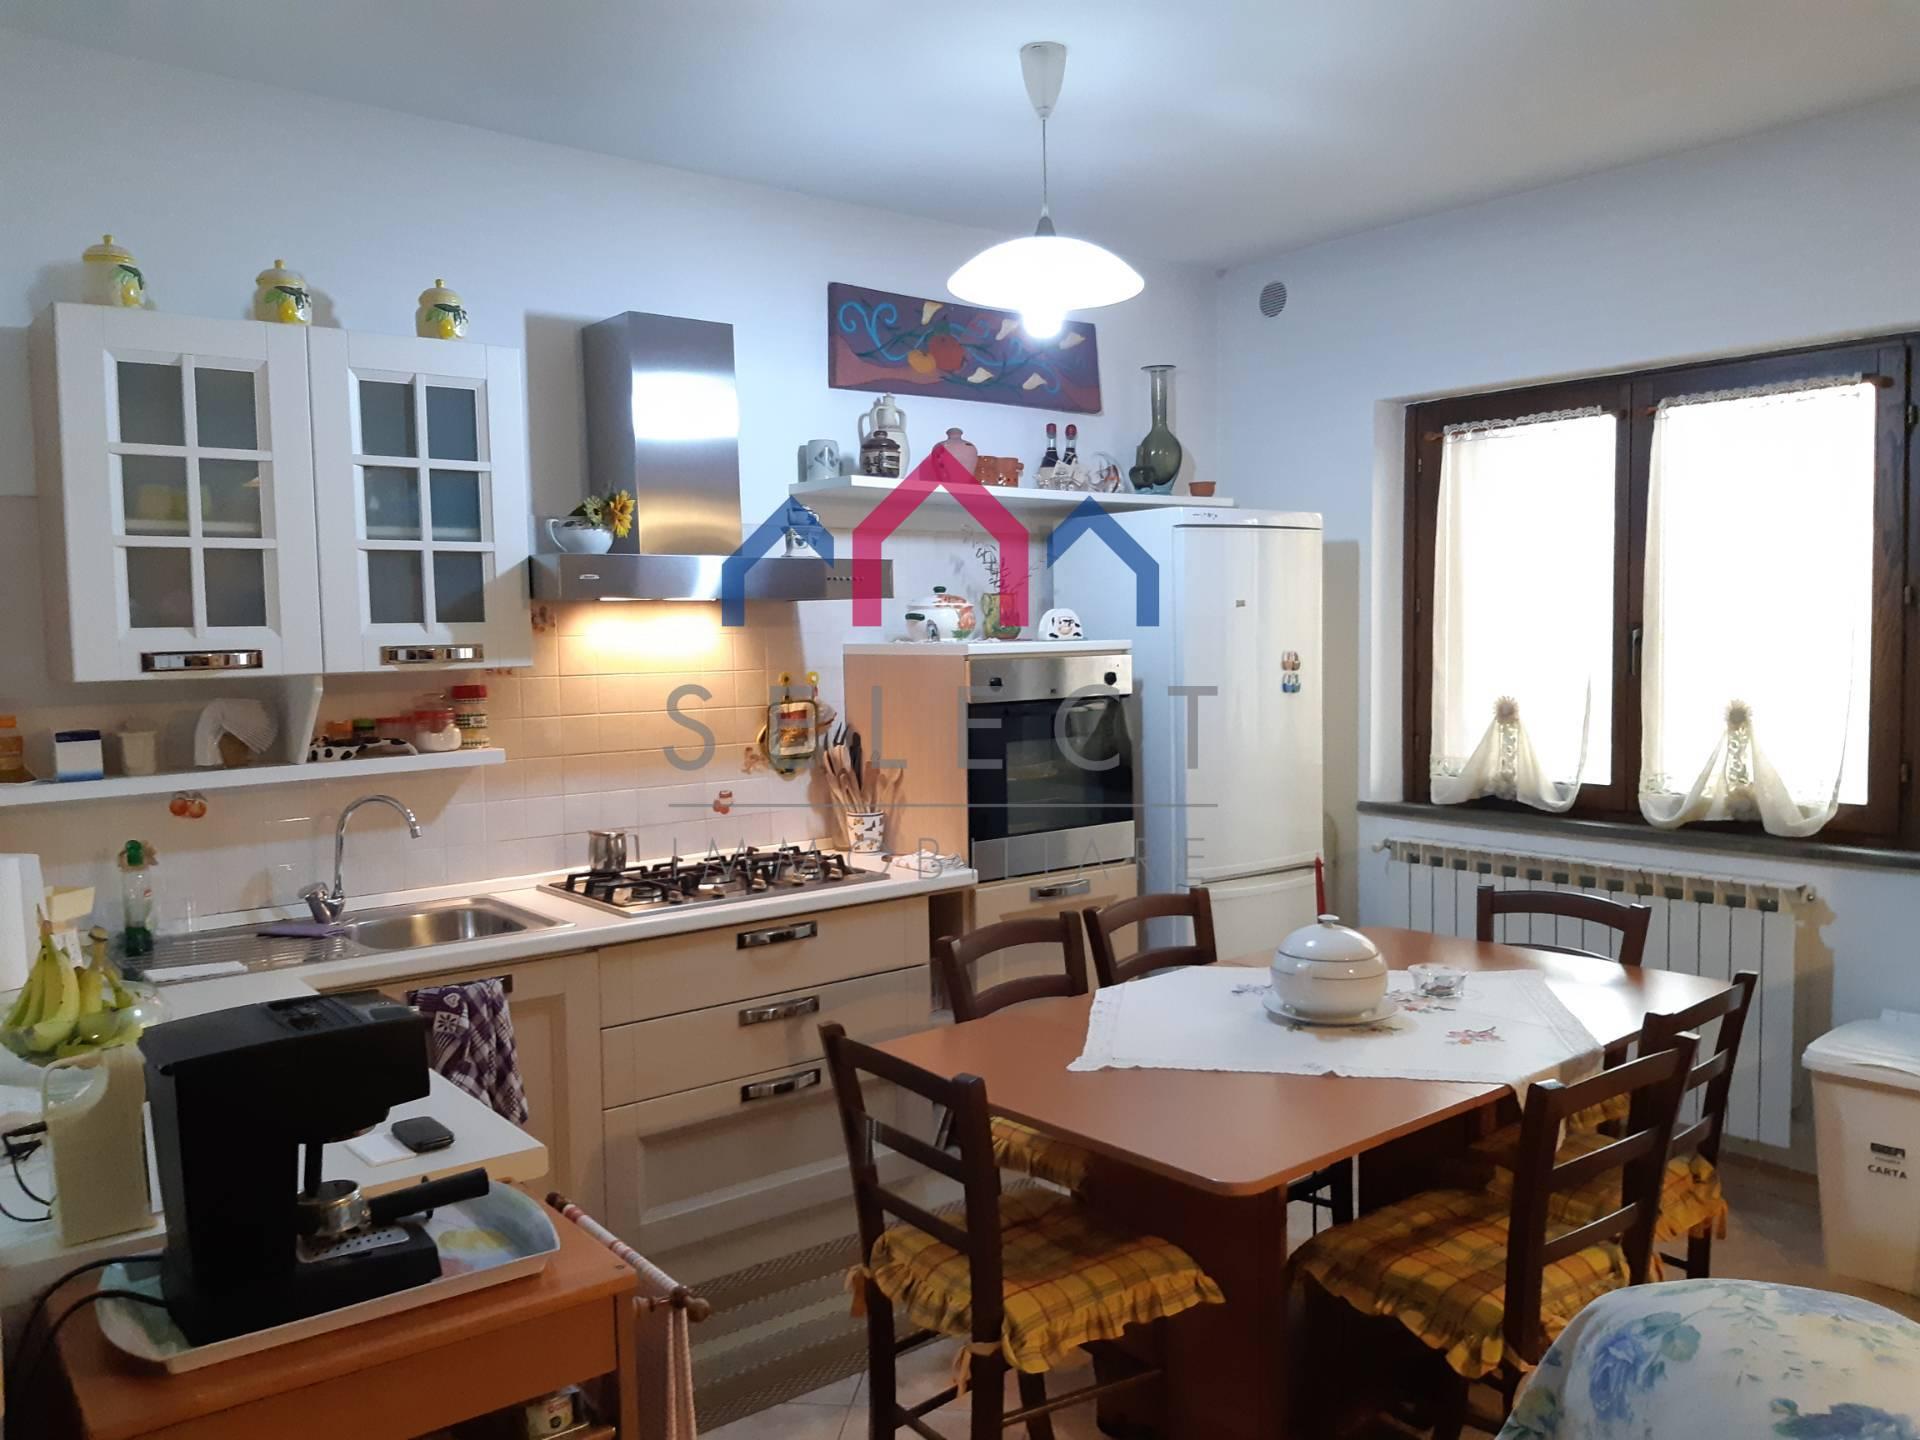 Appartamento in vendita a Gallicano, 2 locali, prezzo € 75.000 | PortaleAgenzieImmobiliari.it